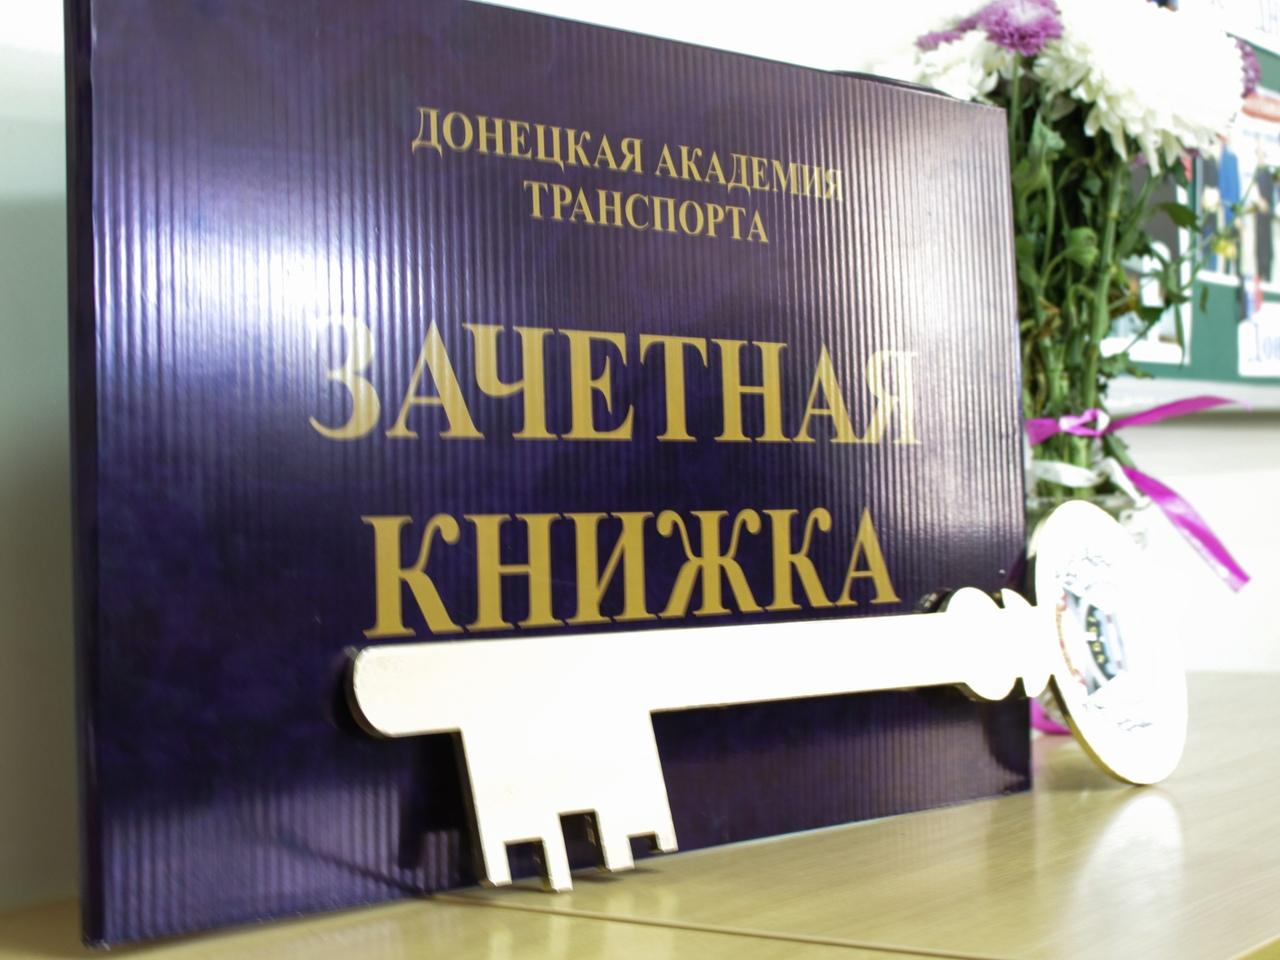 Внимание! ! 01 сентября 2020 года, в День знаний, в Донецкой академии транспорта состоится Церемония посвящения первокурсников в студенты.